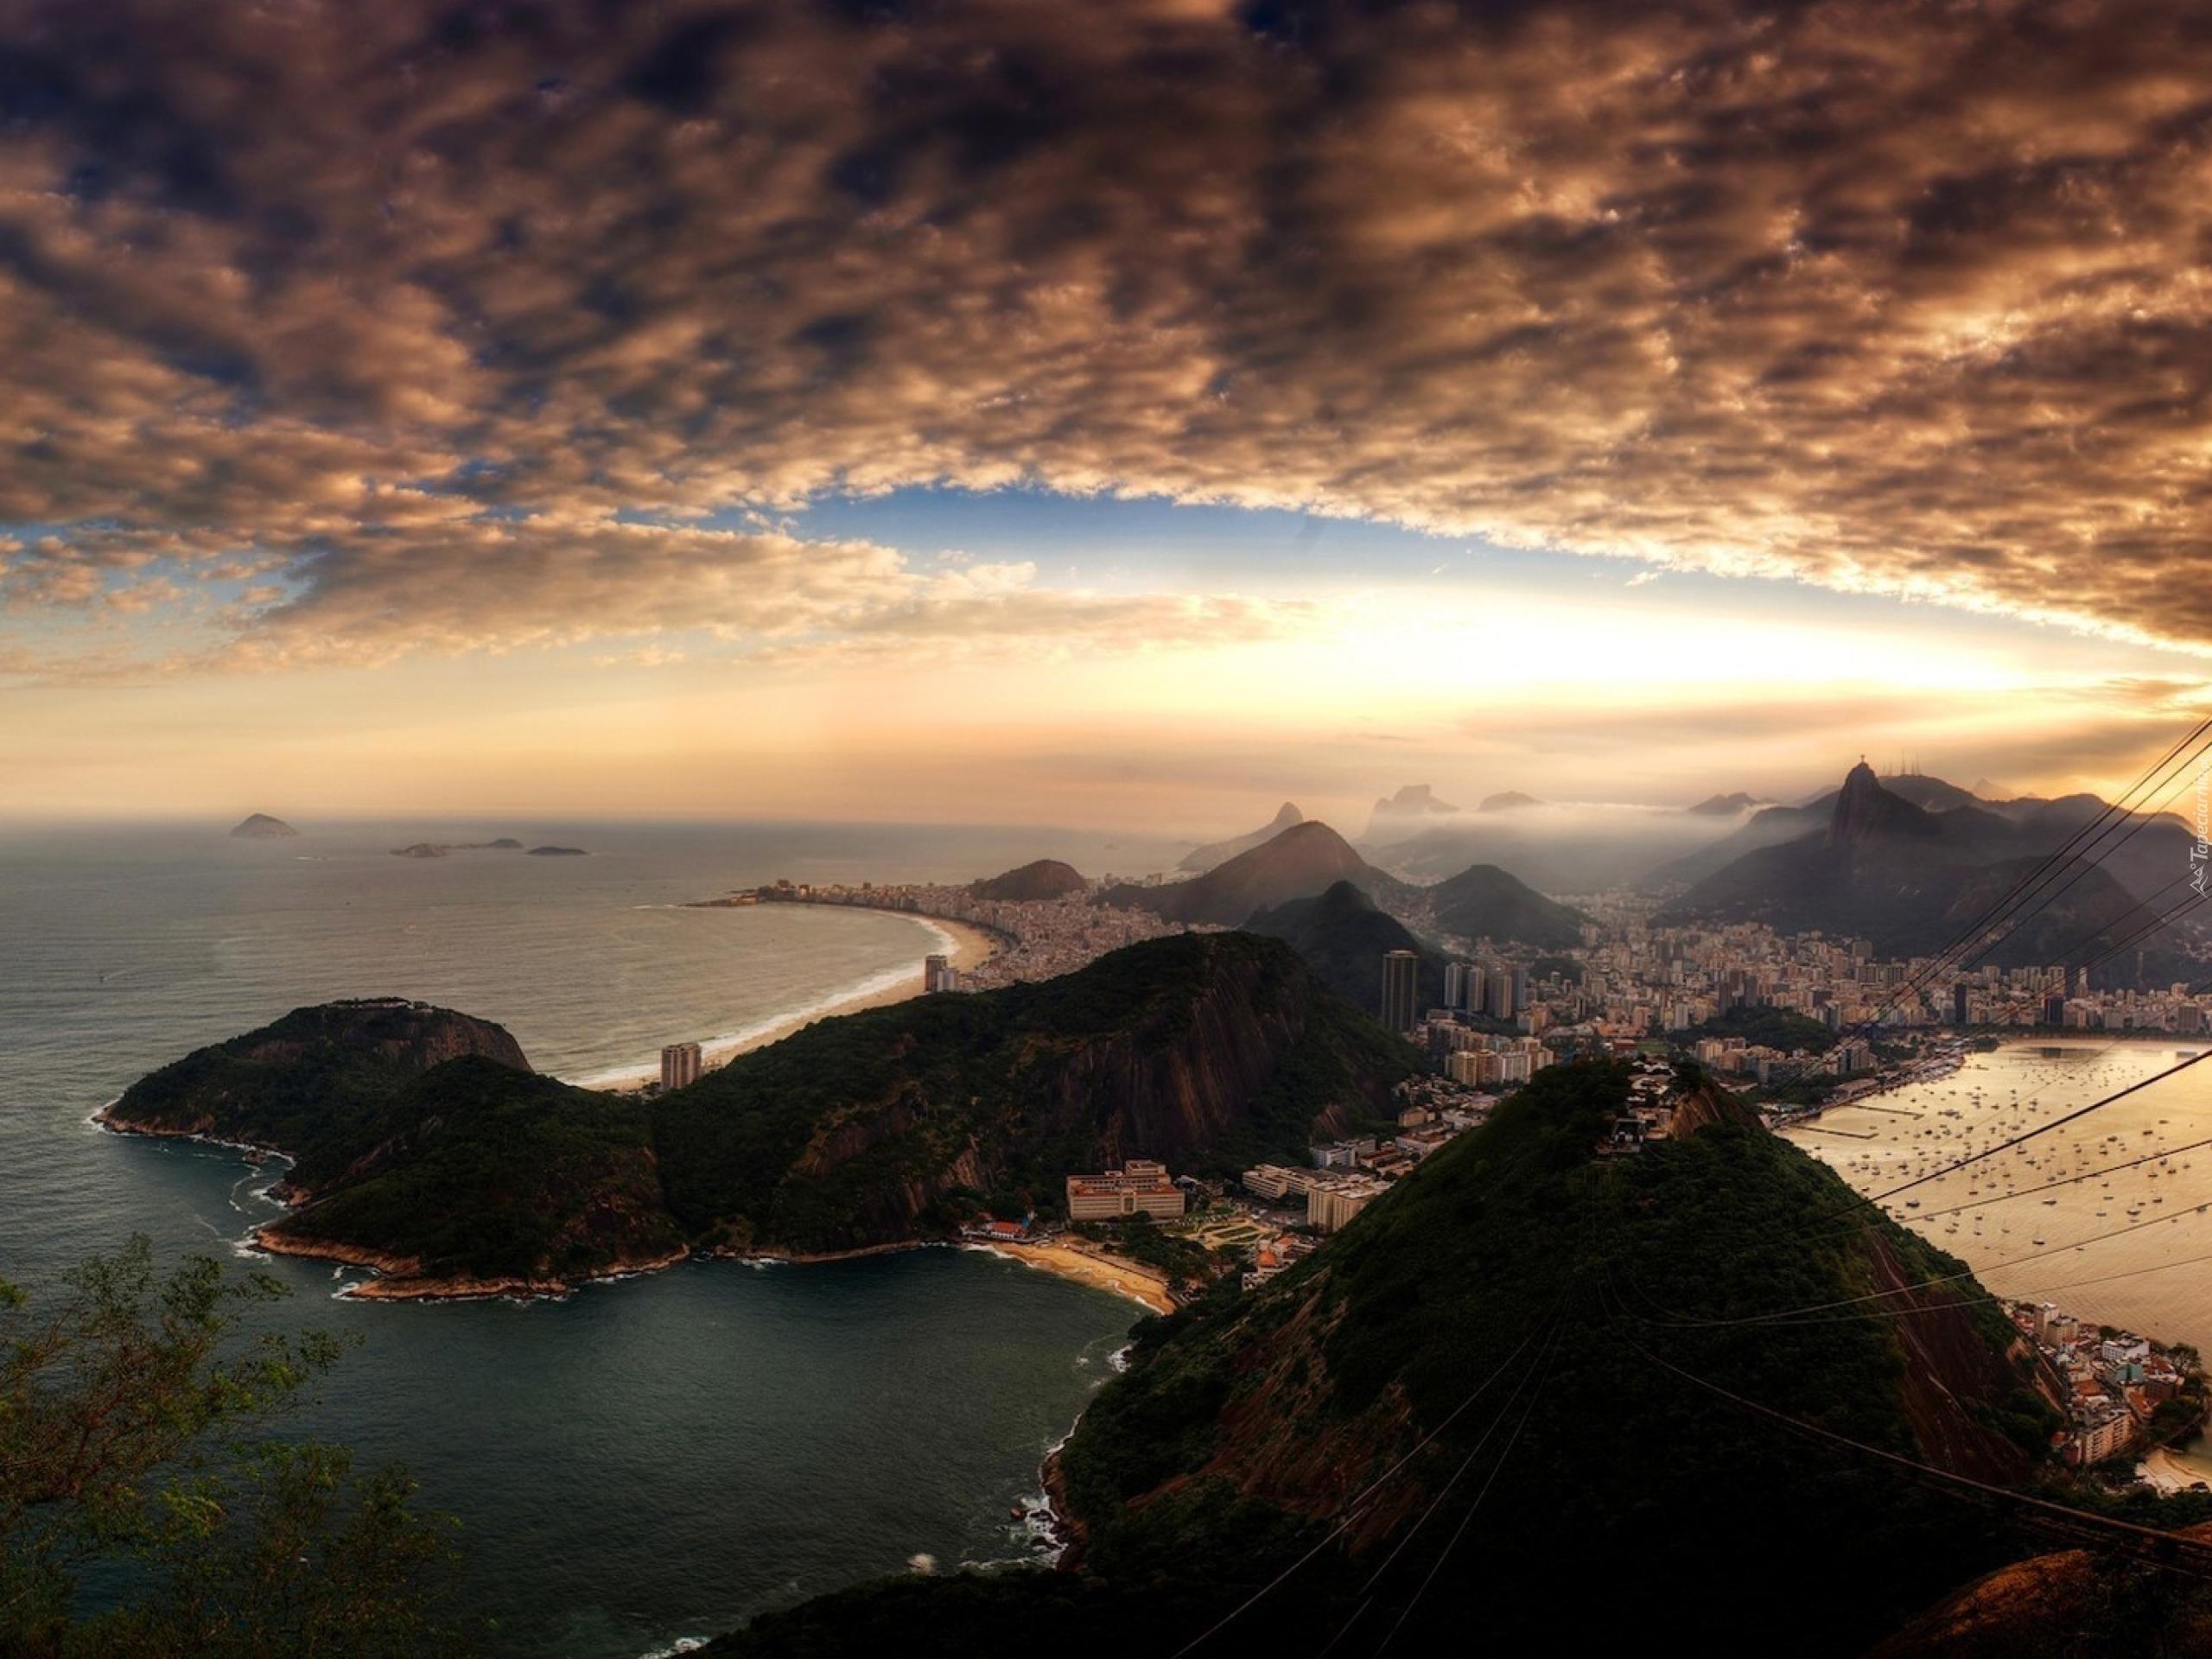 Рио-де-Жанейро перед рассветом  № 1457561 бесплатно